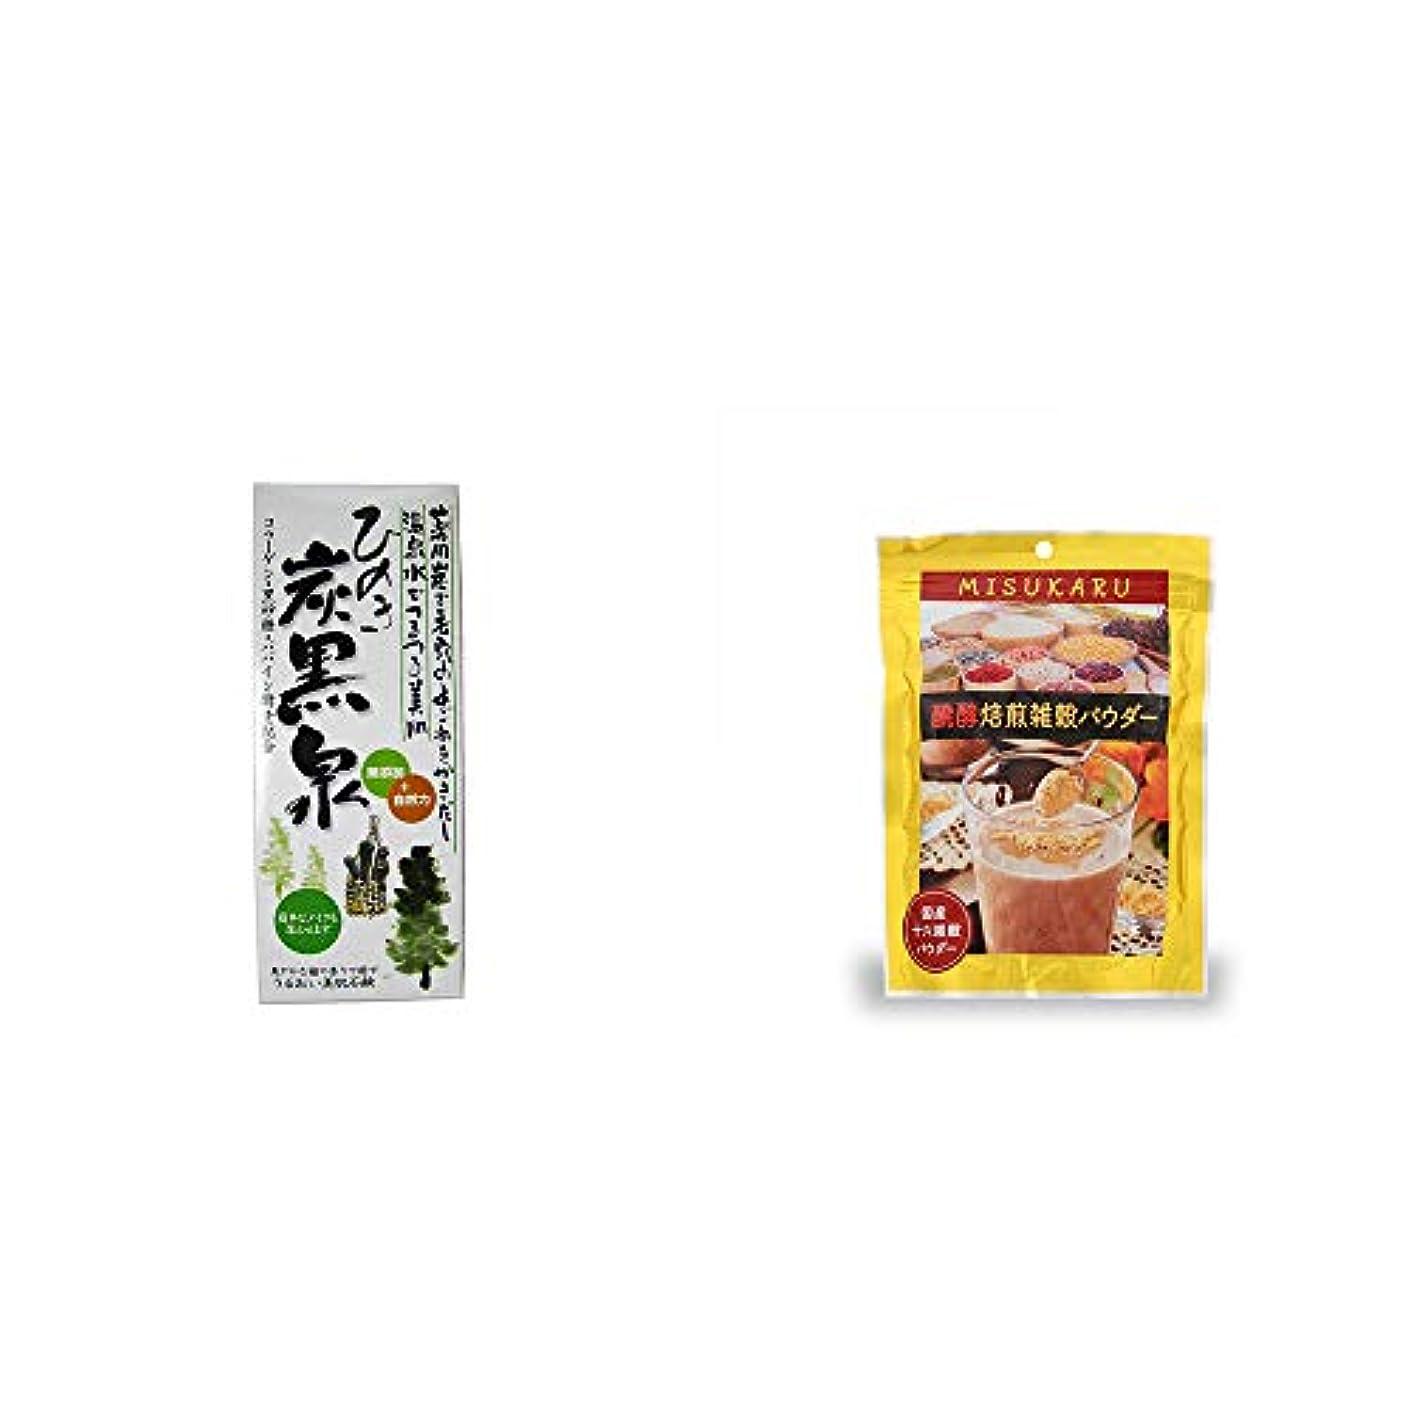 クリープショッピングセンター囲い[2点セット] ひのき炭黒泉 箱入り(75g×3)?醗酵焙煎雑穀パウダー MISUKARU(ミスカル)(200g)